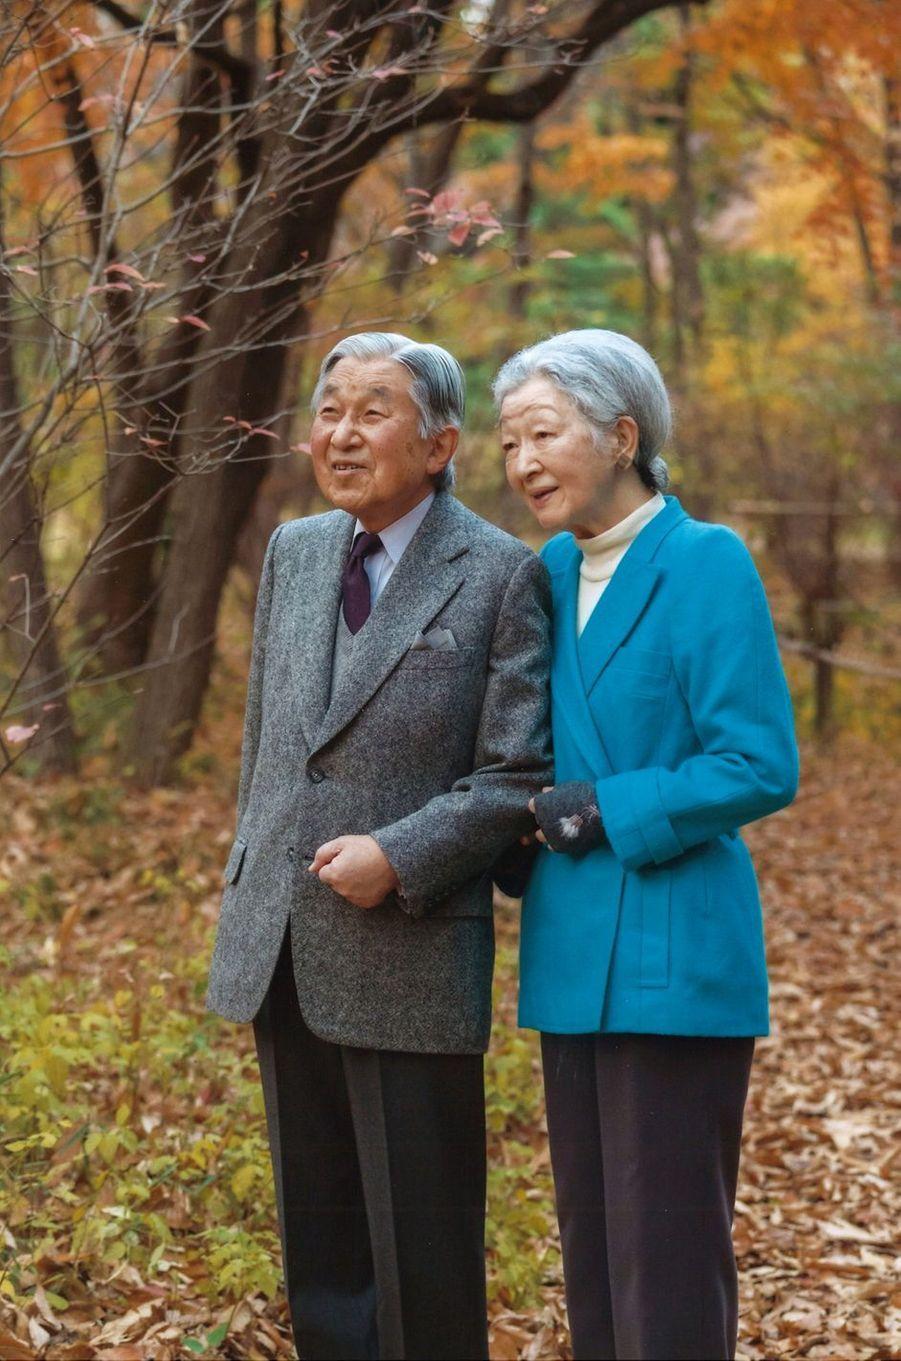 L'empereur Akihito du Japon avec l'impératrice Michiko, dans les jardins du Palais impérial à Tokyo, le 5décembre 2016, photo diffusée pour ses 83 ans